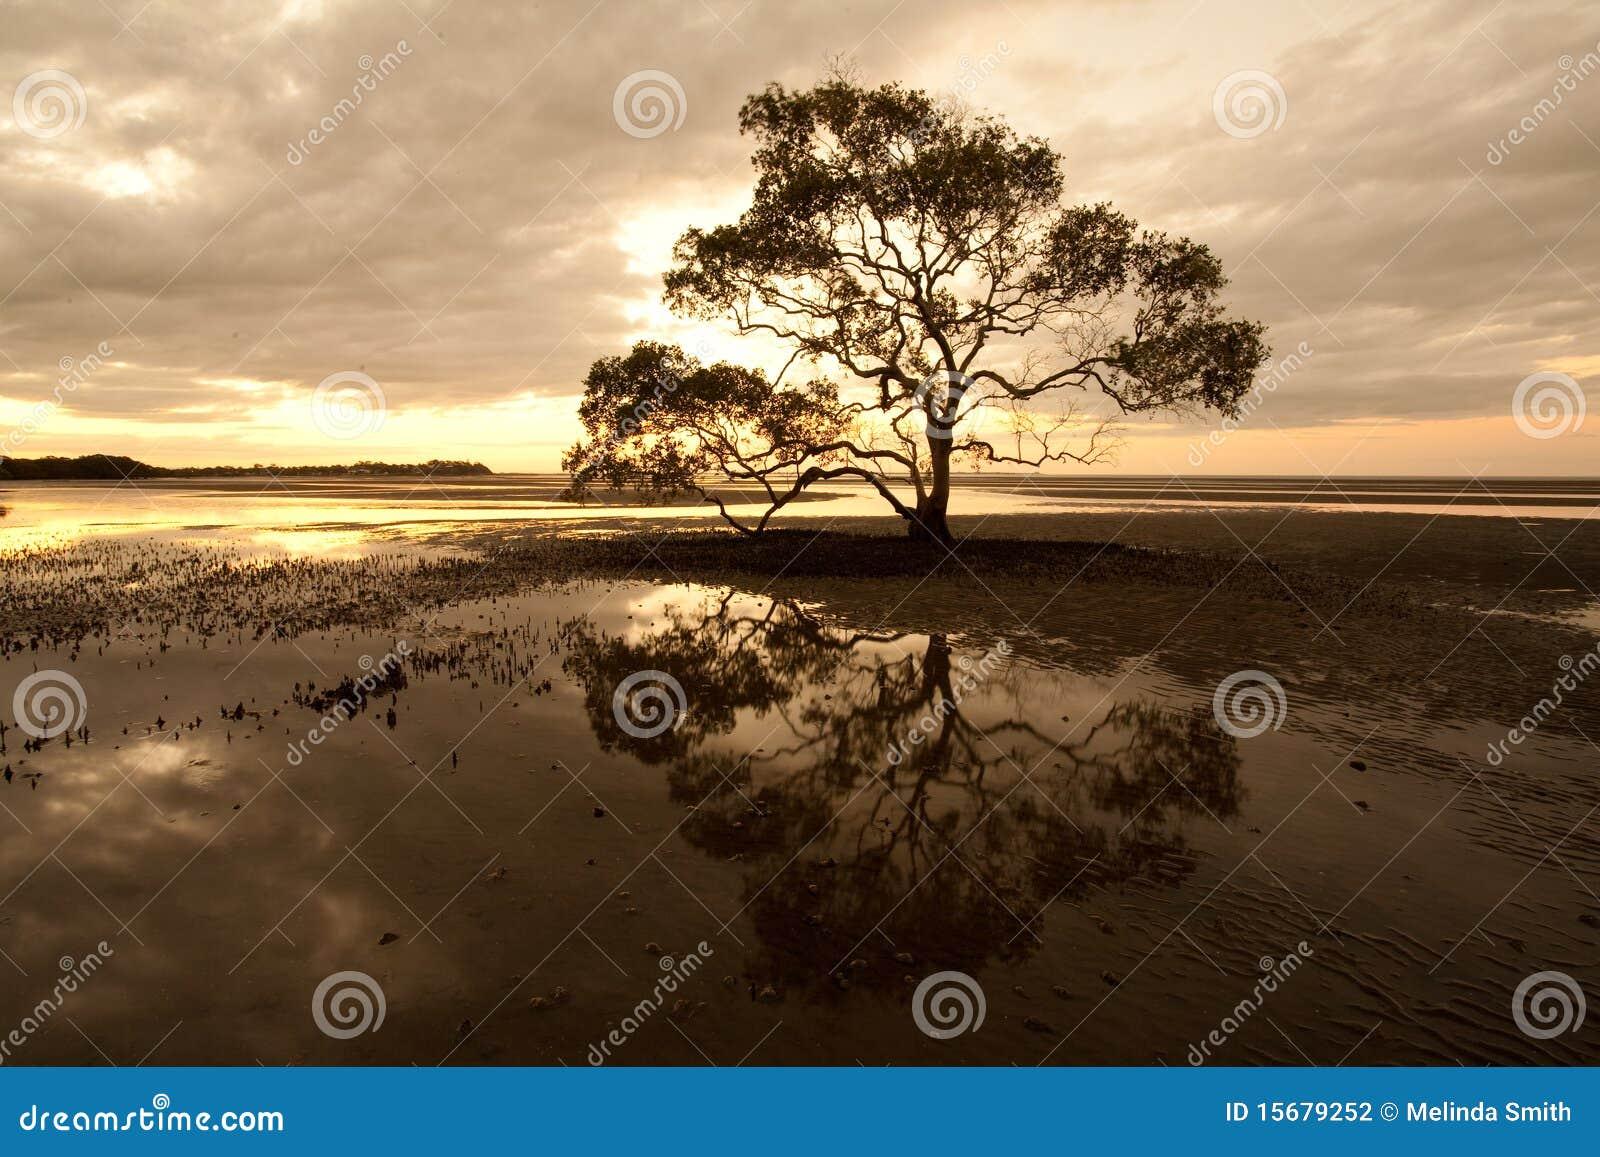 Tree of Desolation